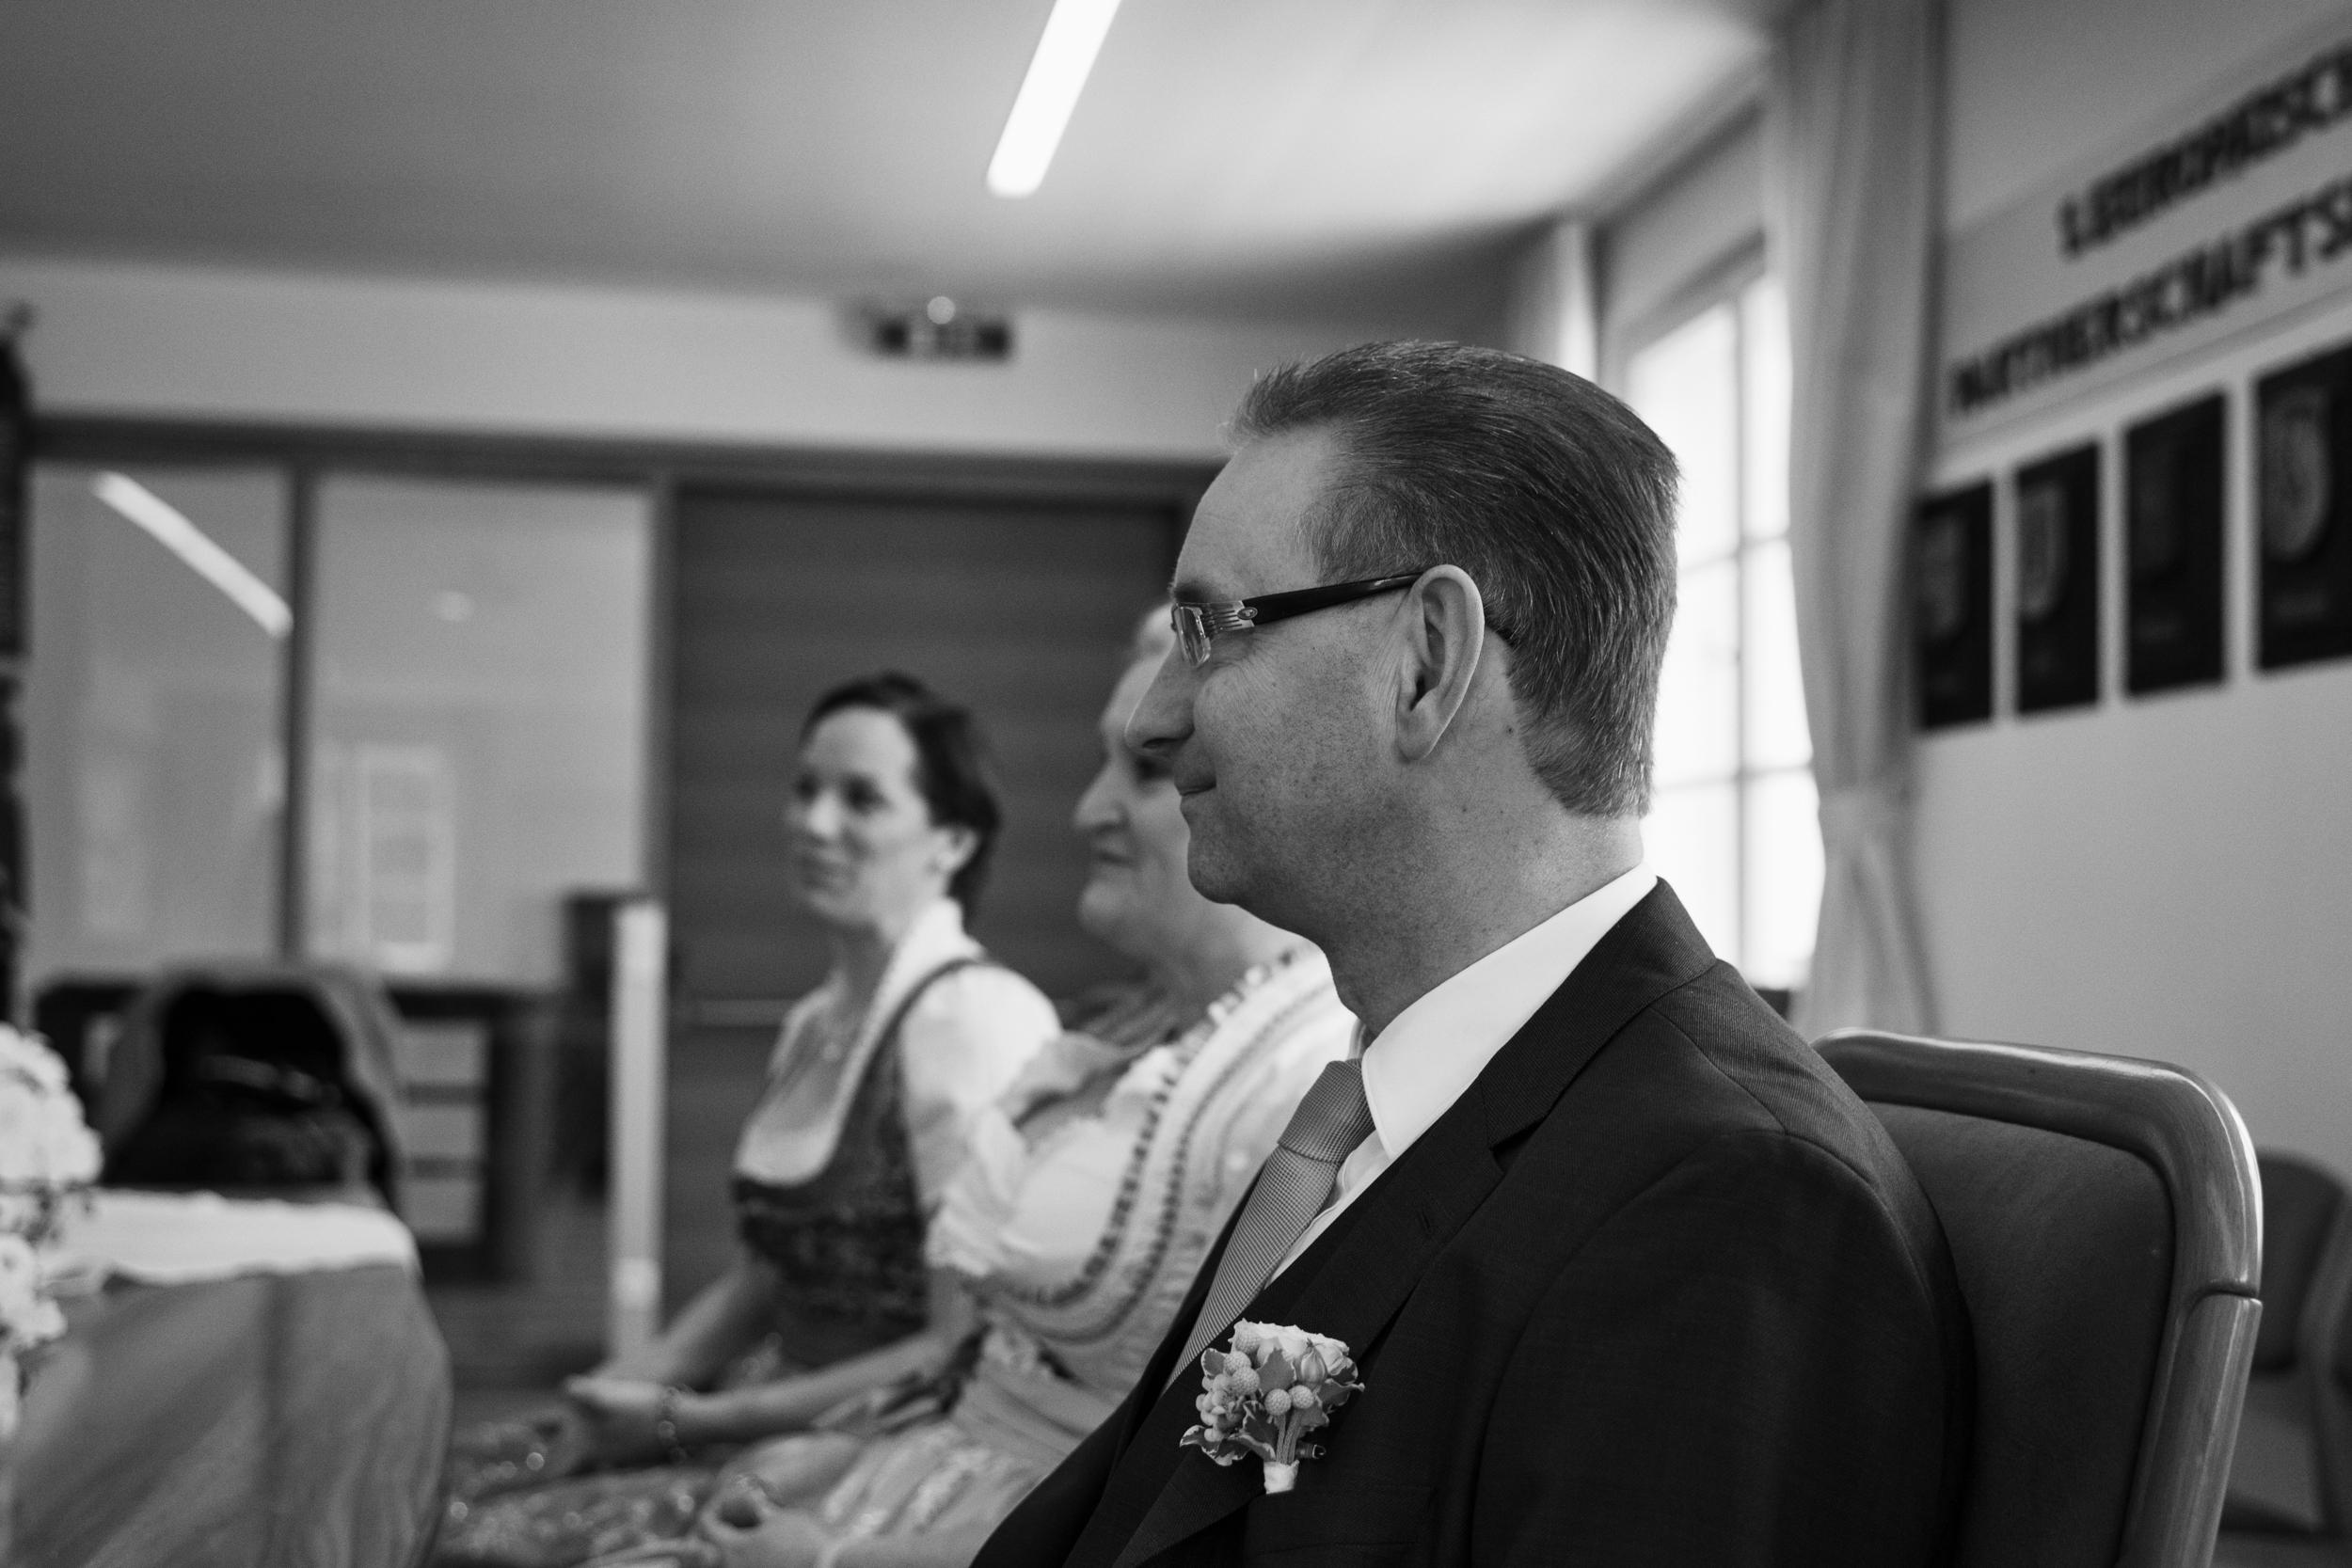 20190212_Hochzeit Koenig_0016-Edit-2.jpg